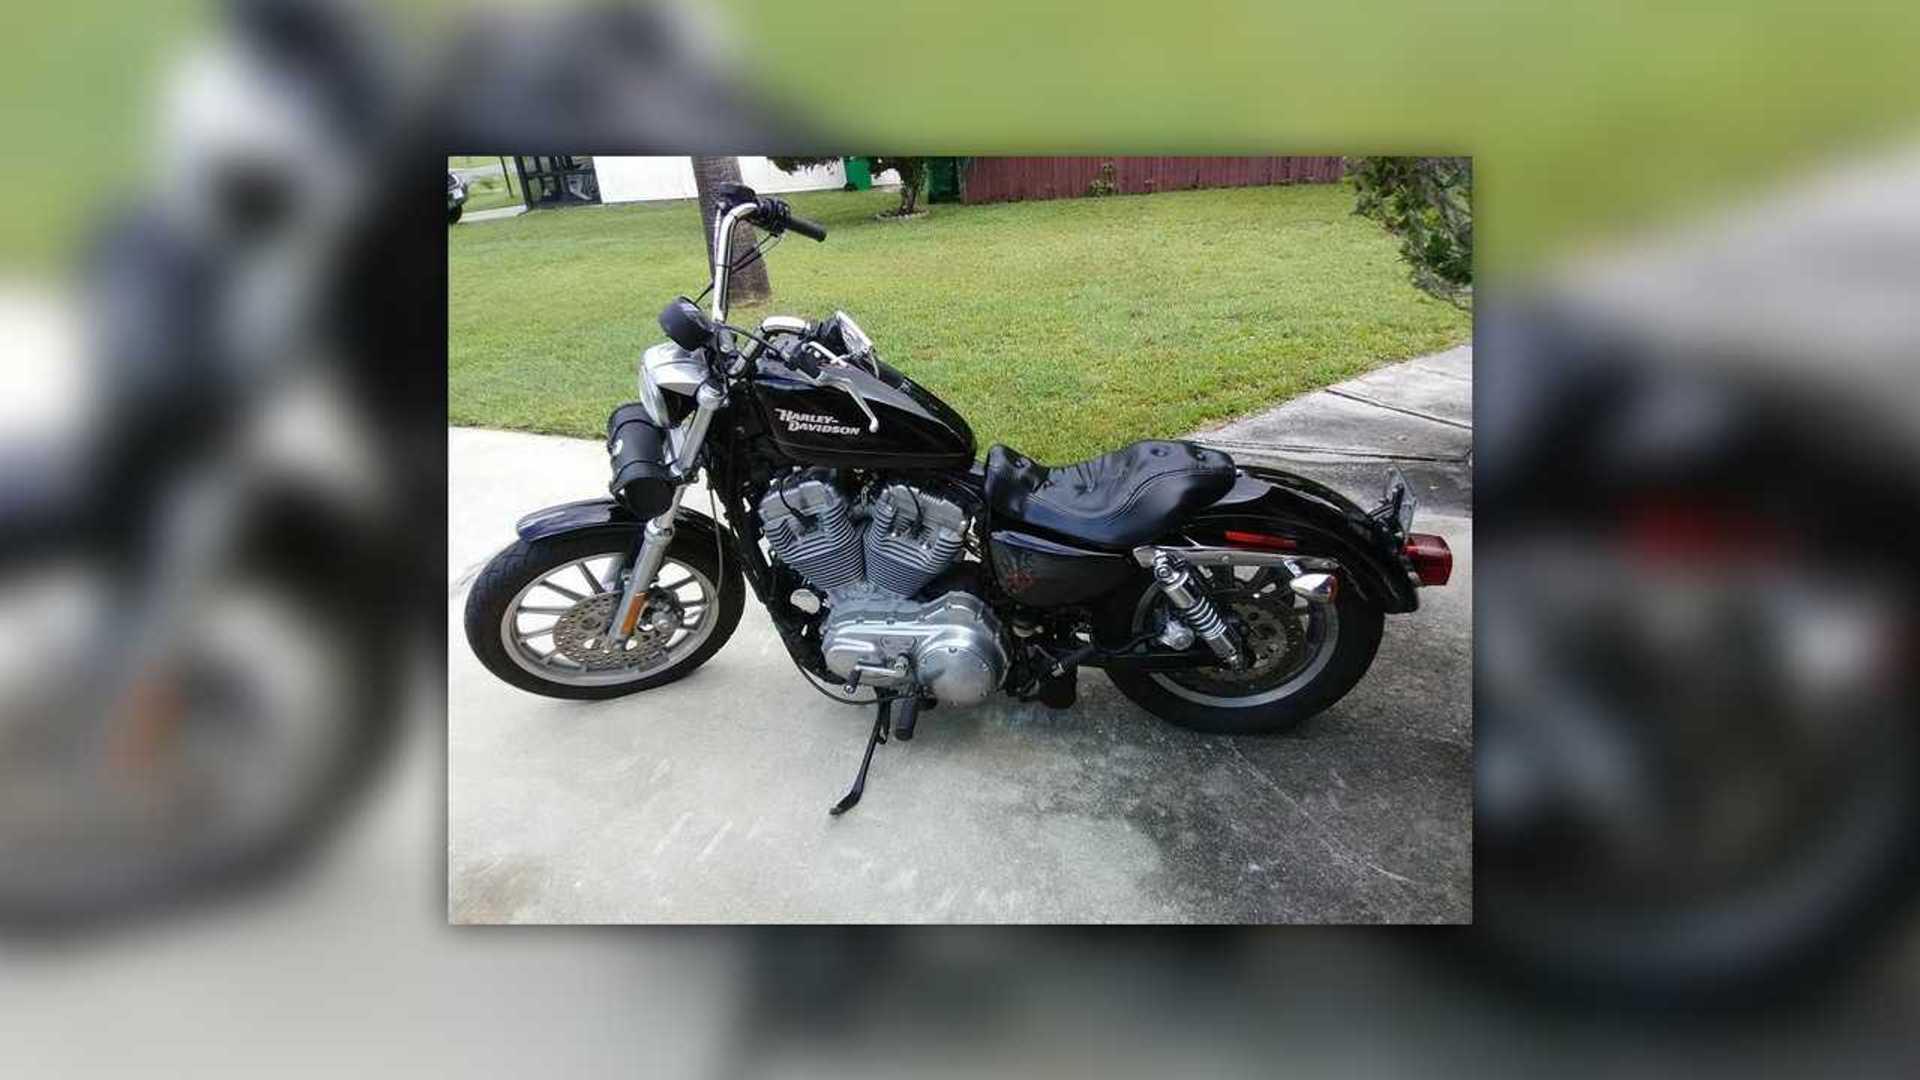 Killer Bikes for Under $3,000